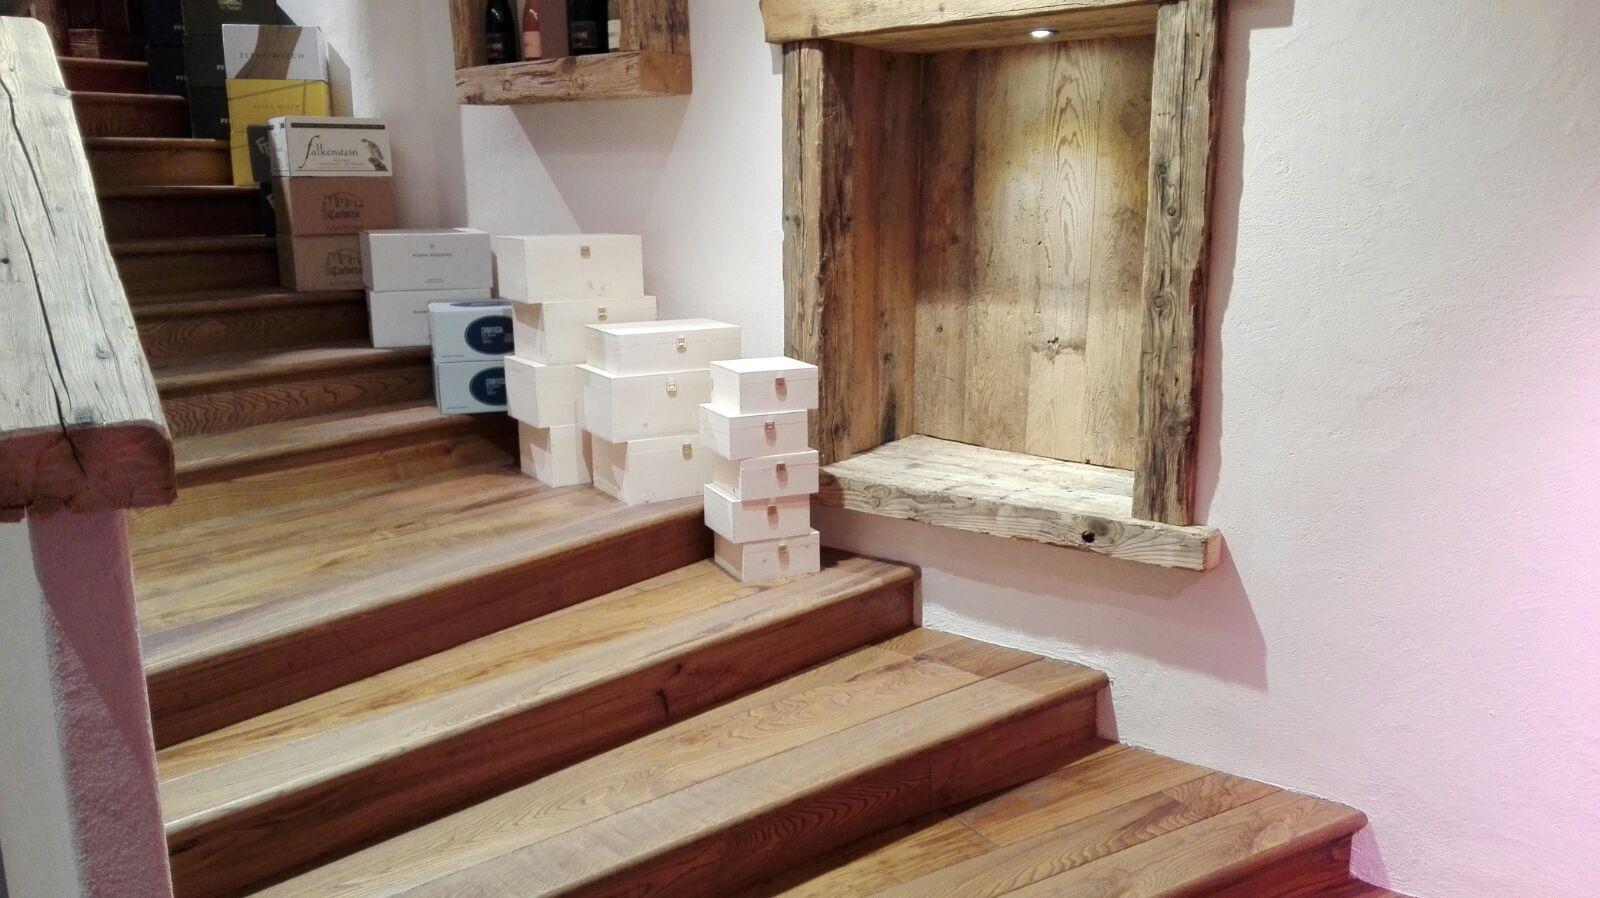 Pavimento_scale_legno-Rower_Pavimenti-Tito_Maso_Speck_Bolzano